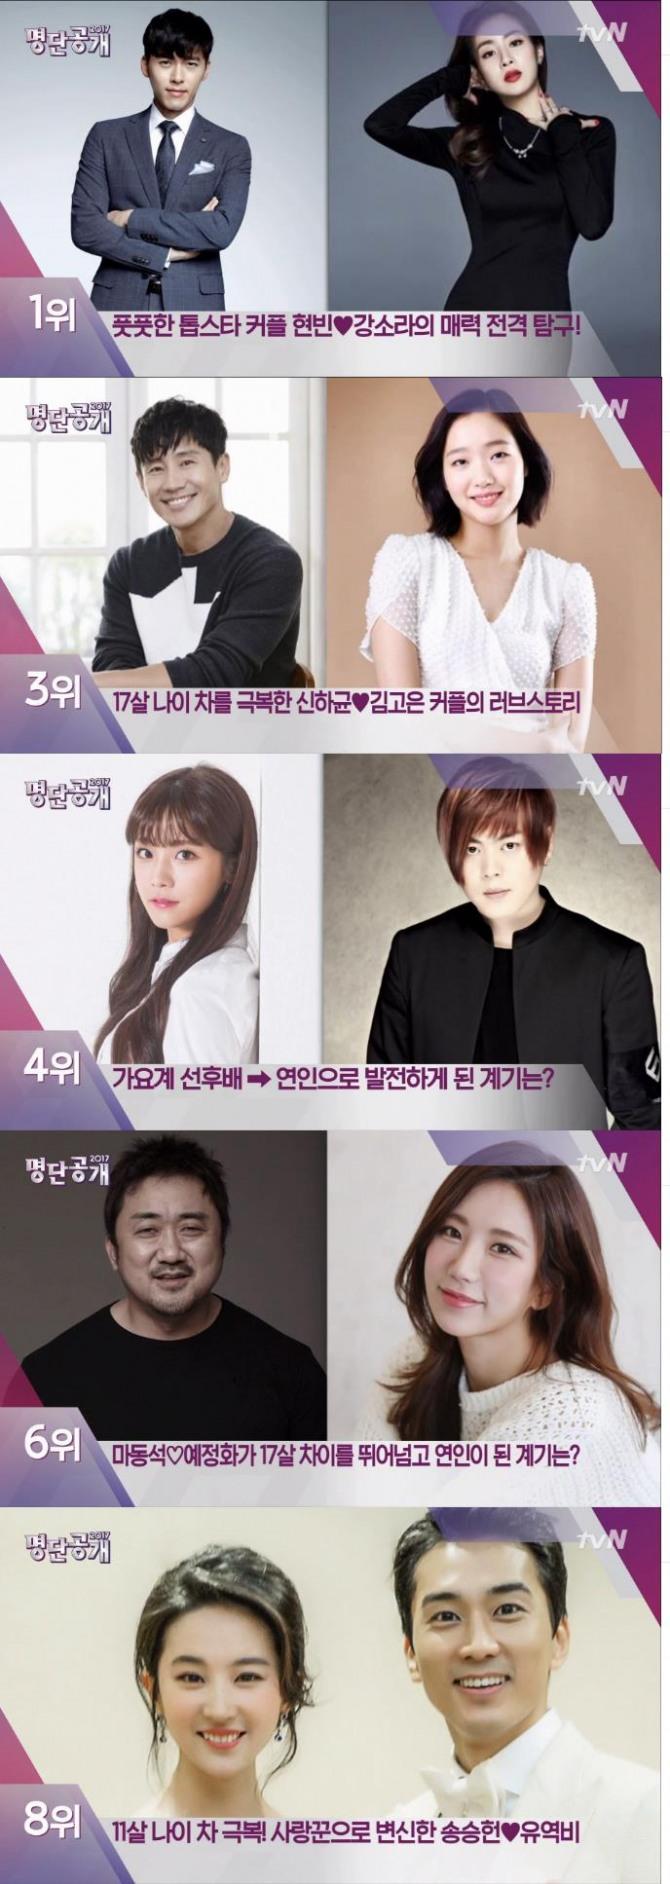 현빈과 강소라 커플이 9일 방송된 tvN '명단공개' 연예계 최강 나이 파괴 커플 1위에 꼽혔다./사진=tvN 방송 캡처